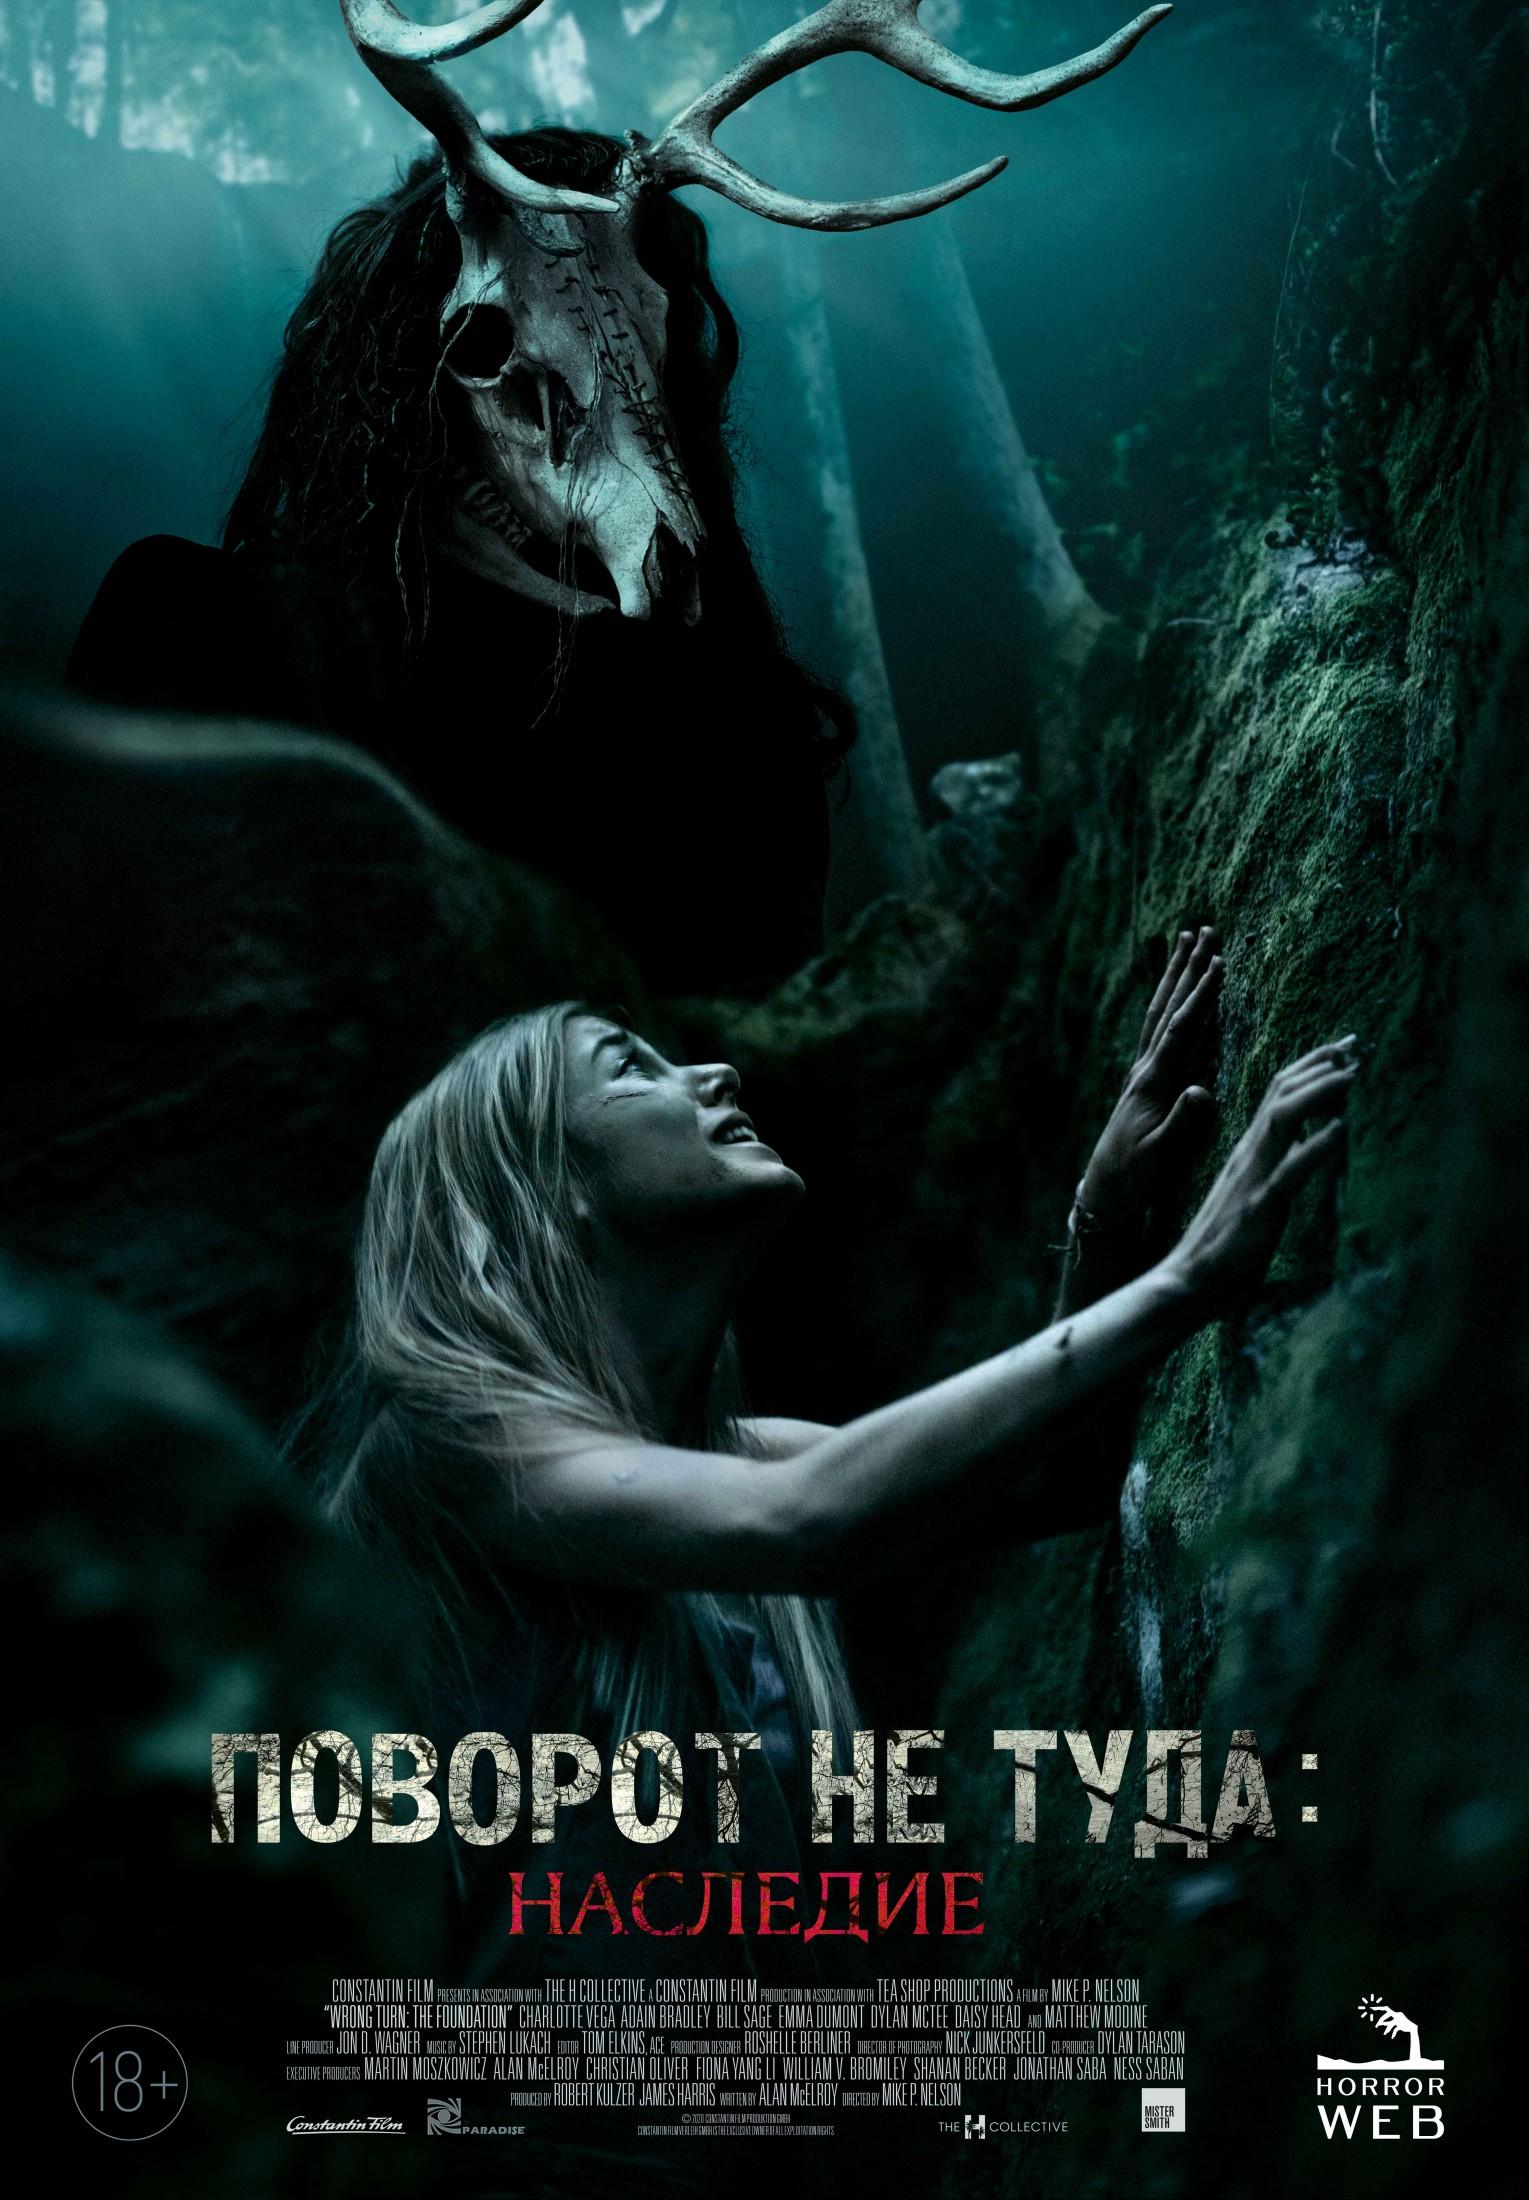 Поворот не туда: Наследие, постер № 2